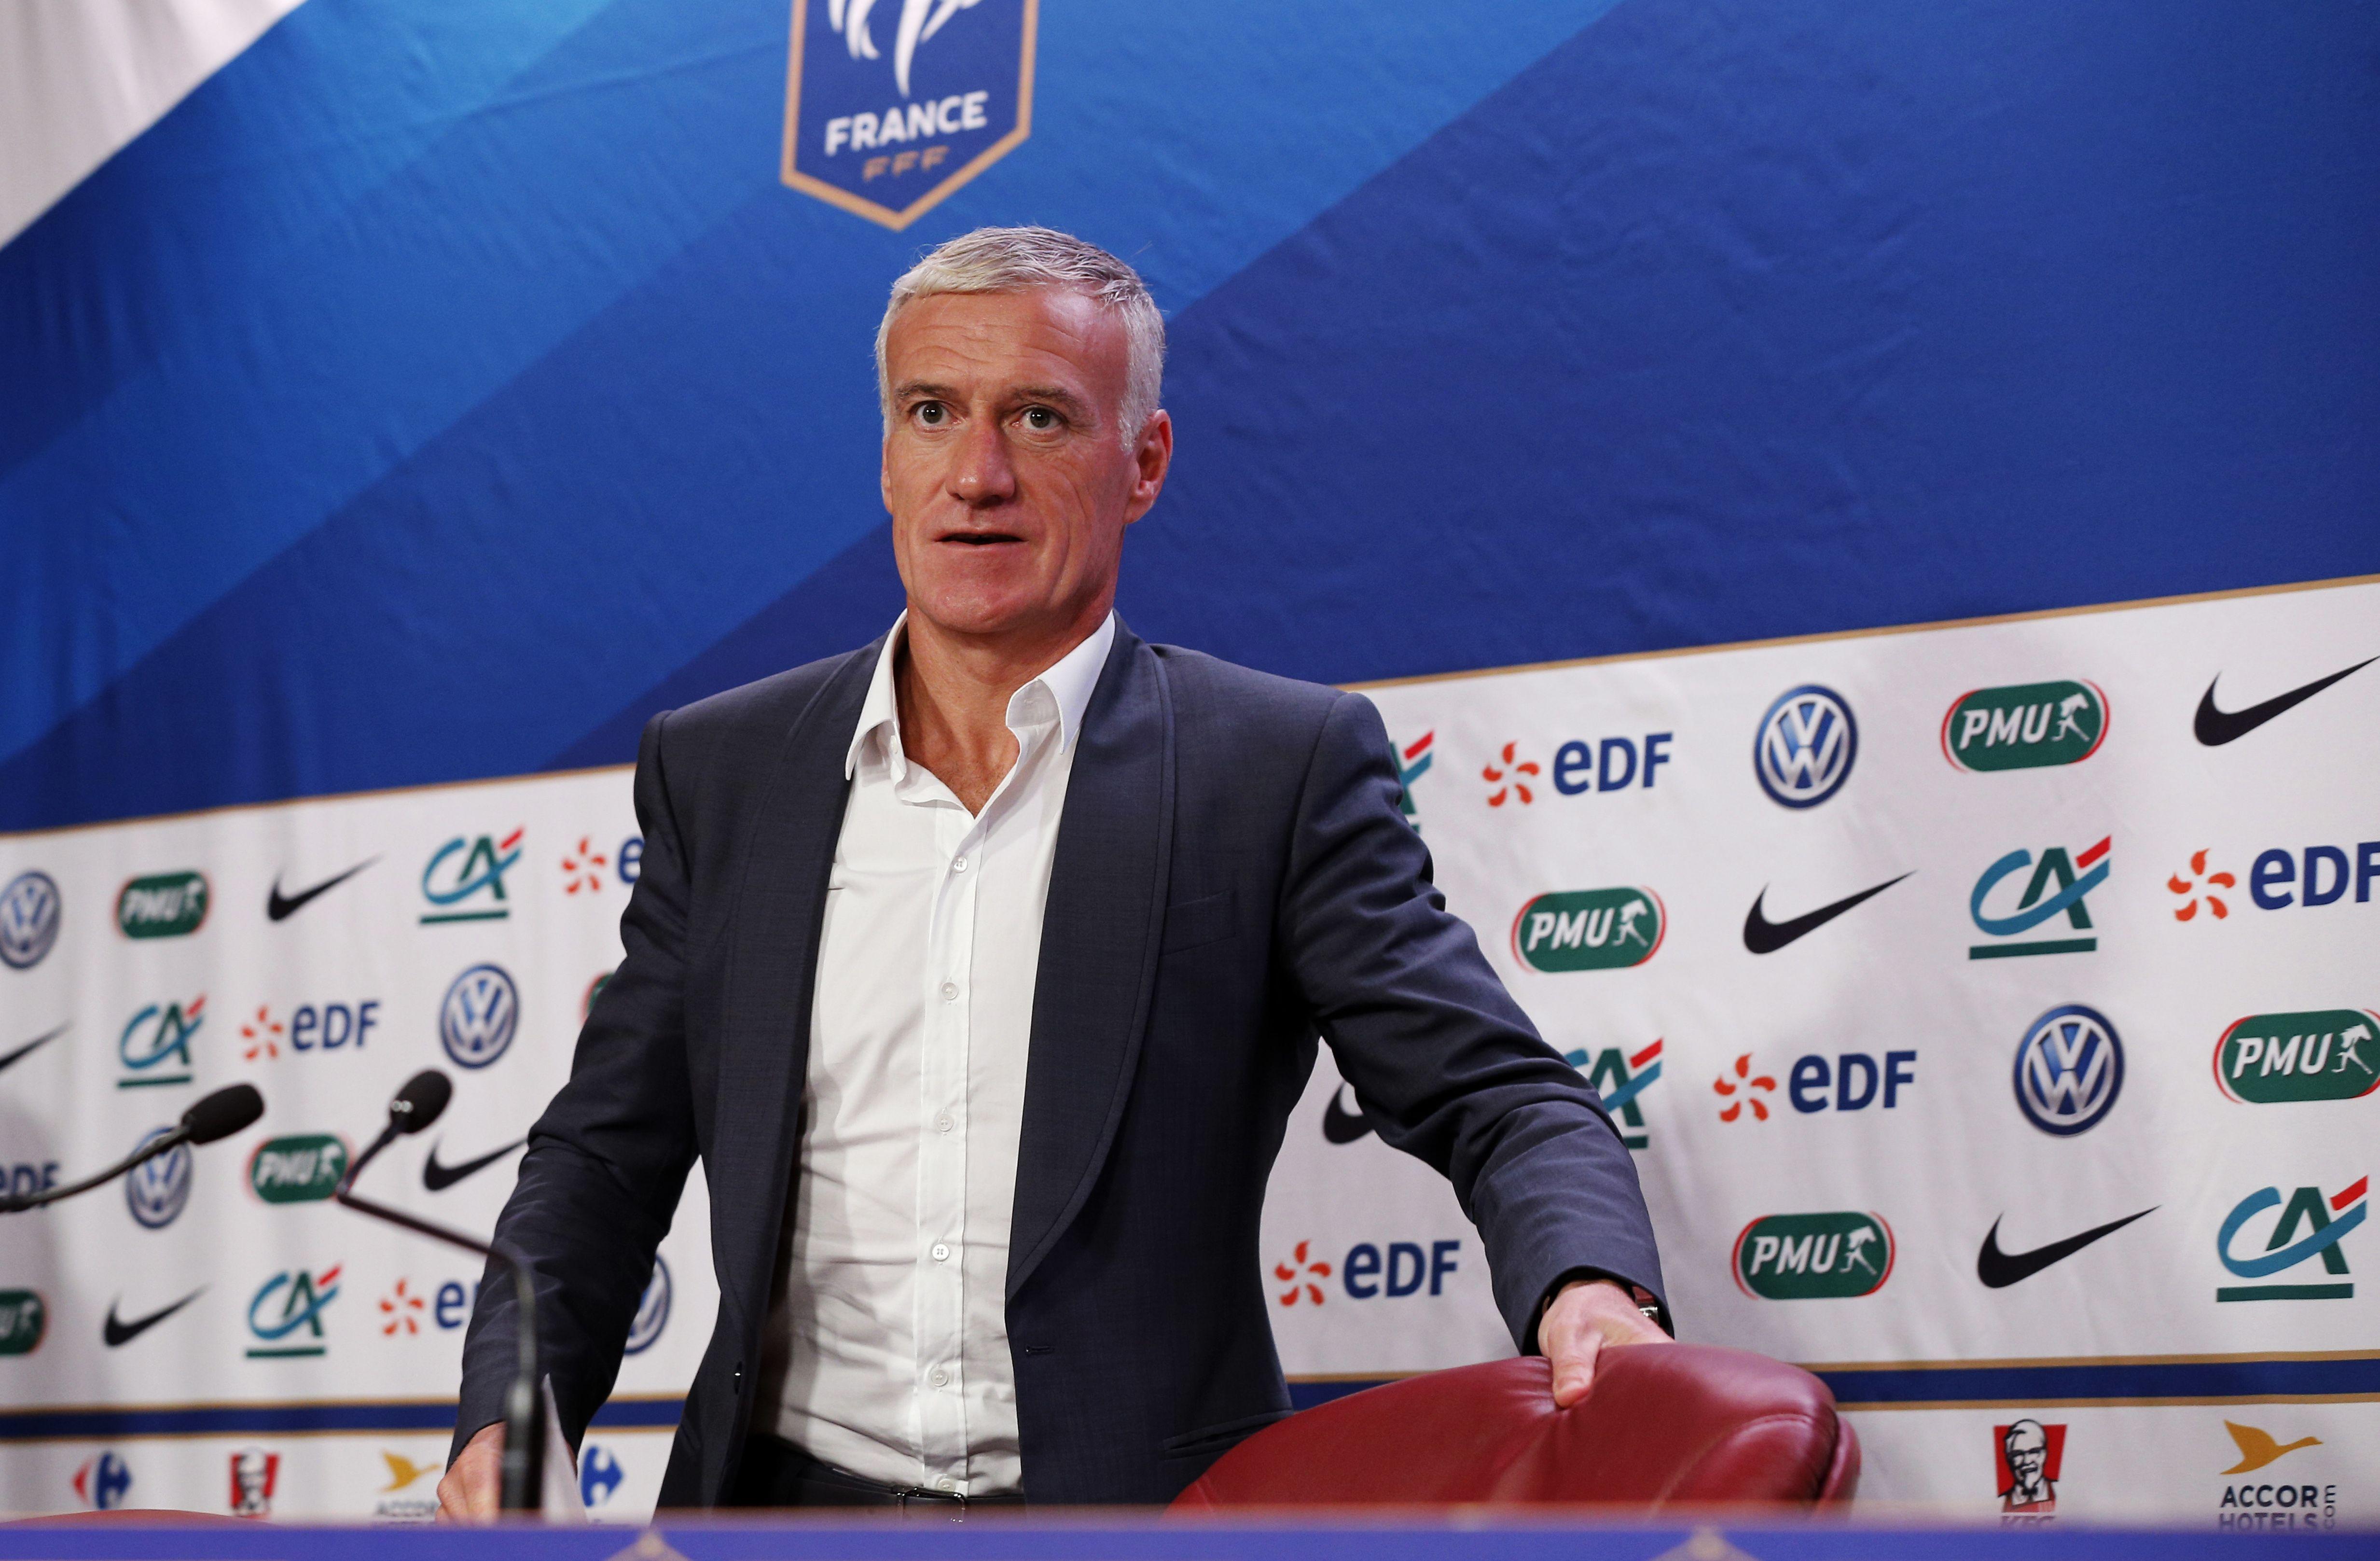 """Équipe de France - Didier Deschamps : """"Pour Mbappé, je n'ai pas les mêmes problématiques que Thomas Tuchel"""""""